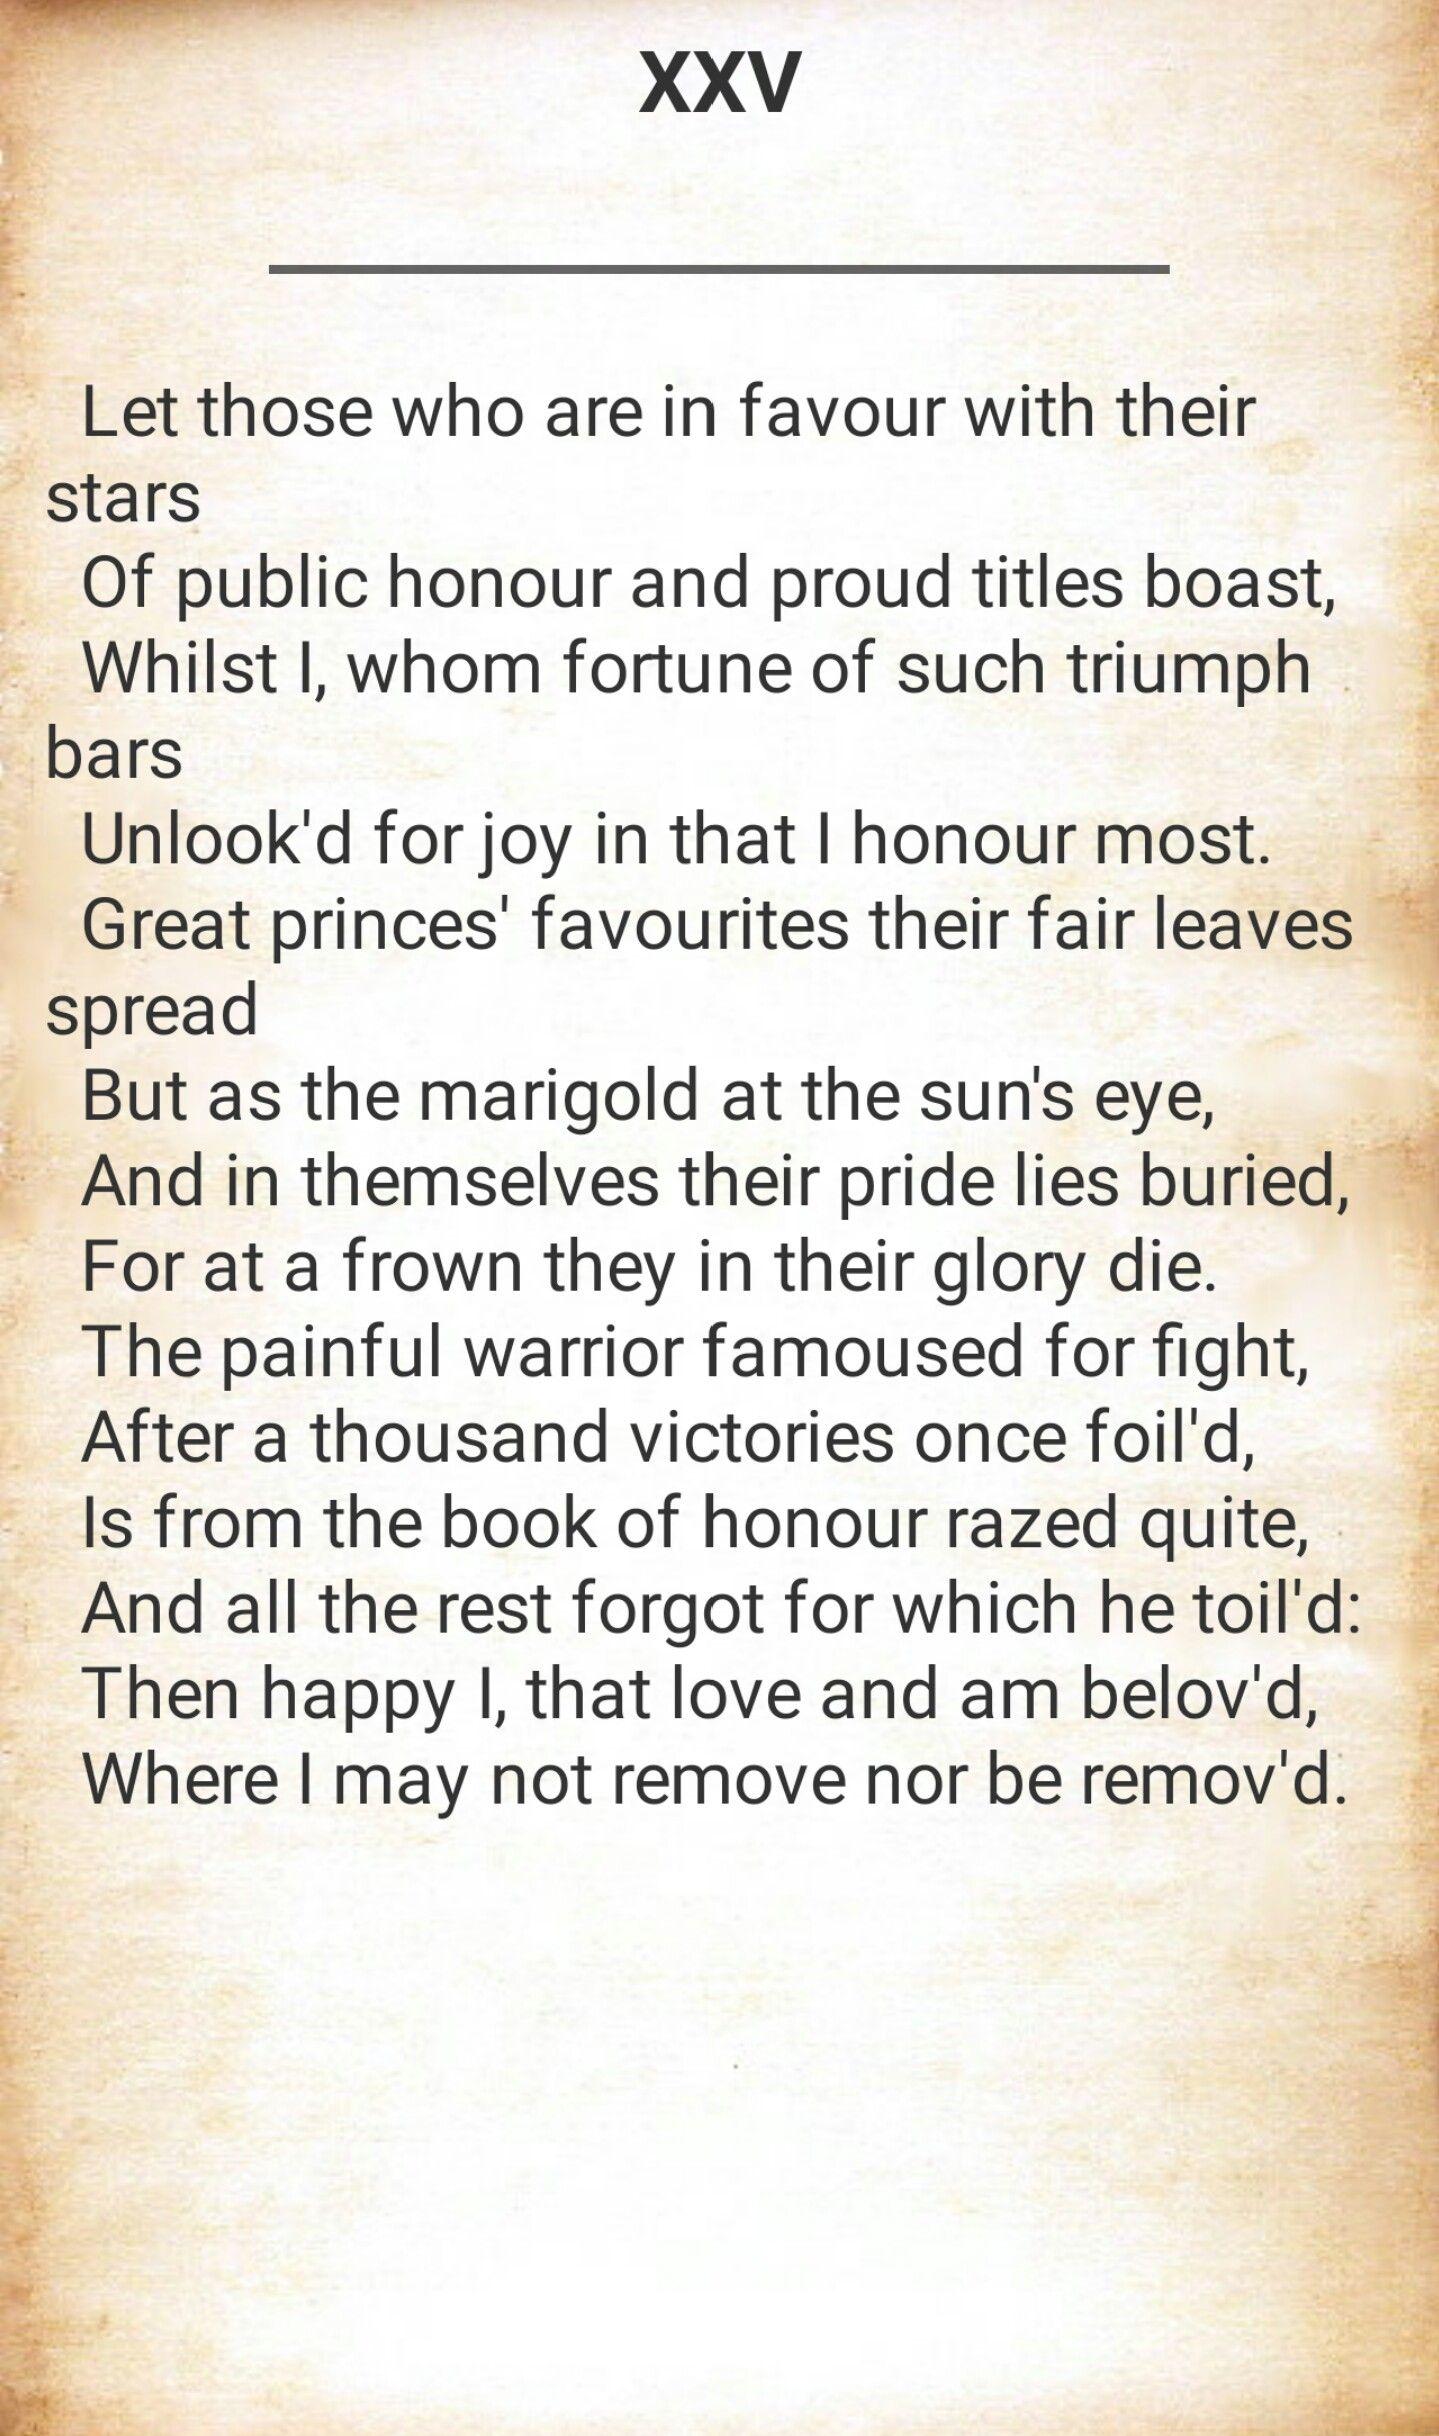 shakespeare sonnet 23 analysis